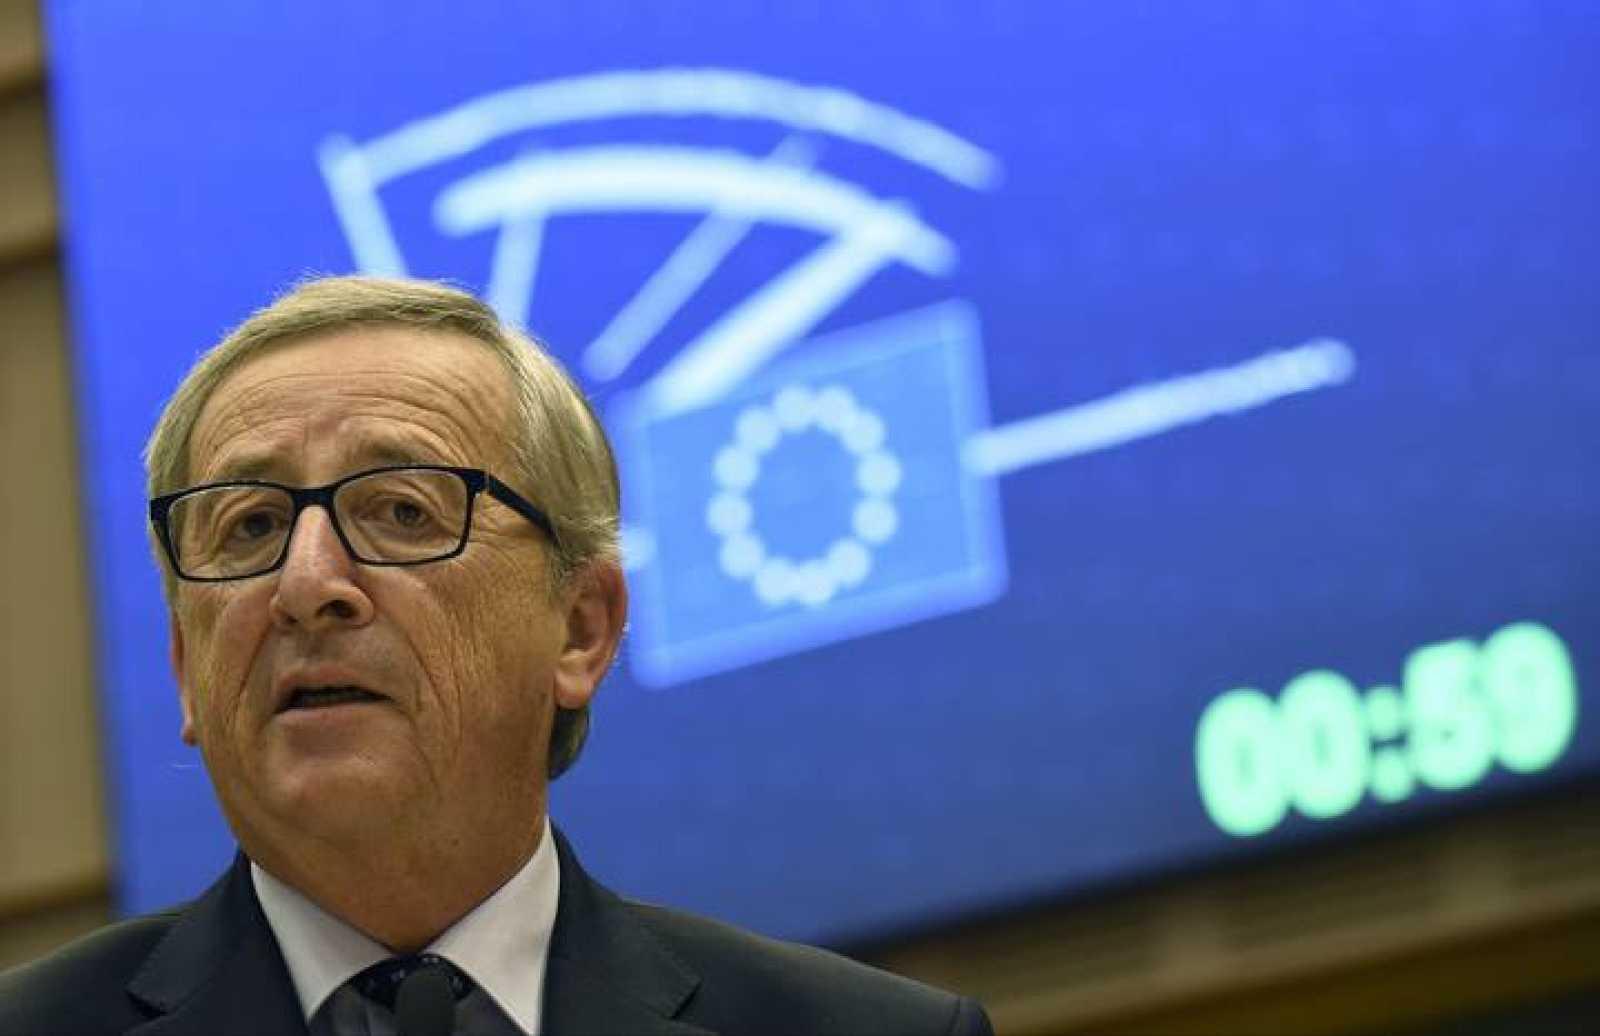 El presidente de la Comisión Europea, Jean-Claude Juncker, en una alocución ante el Parlamento Europeo